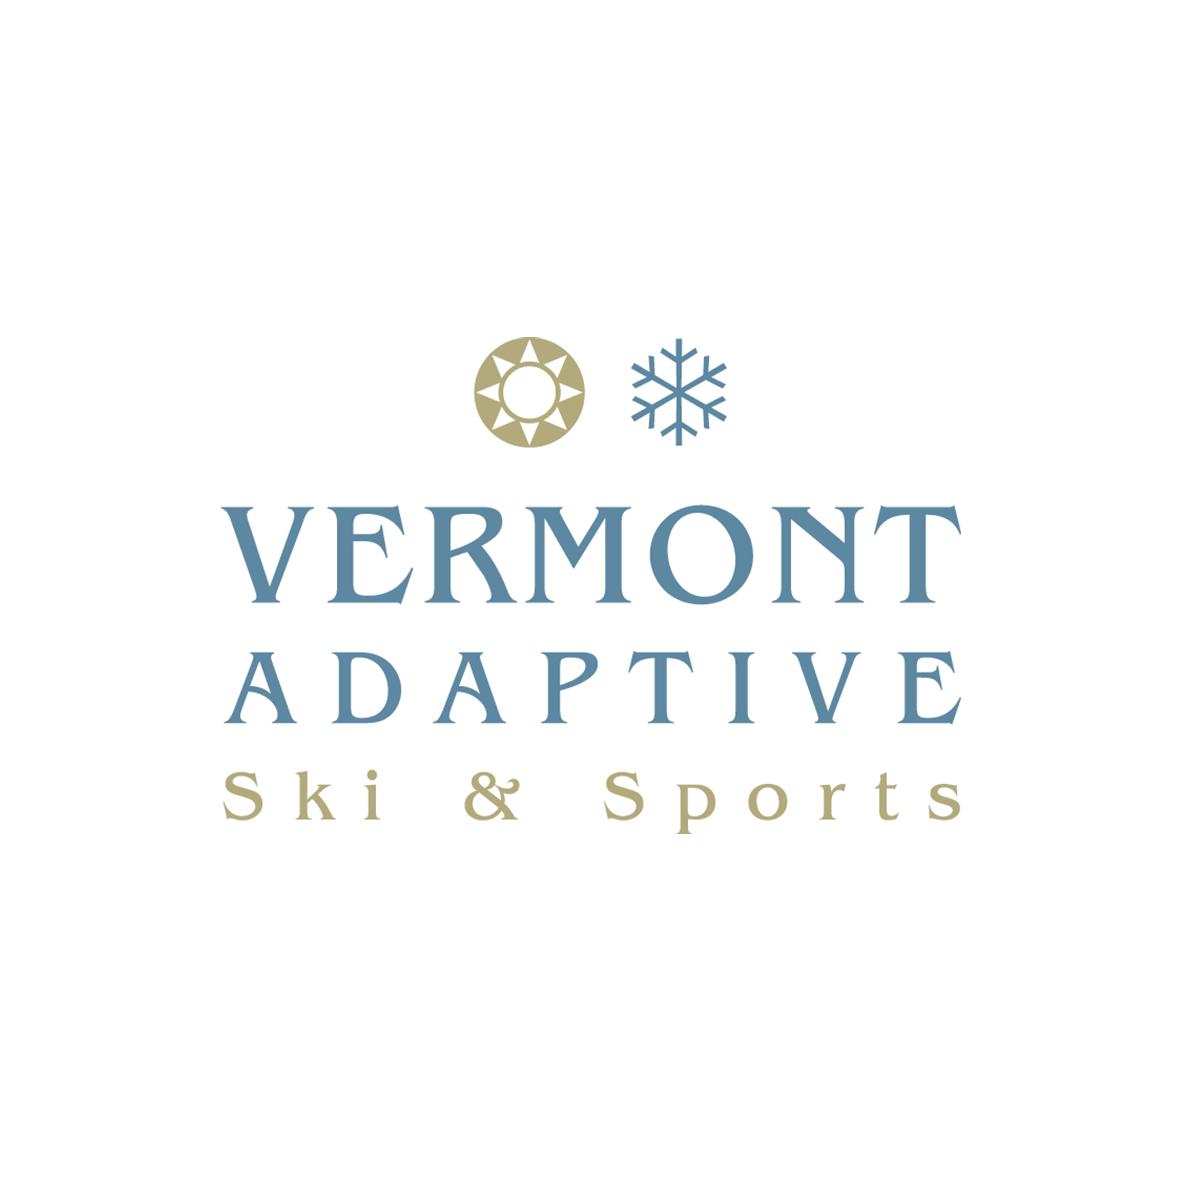 Vermont Adaptive Ski & Sports